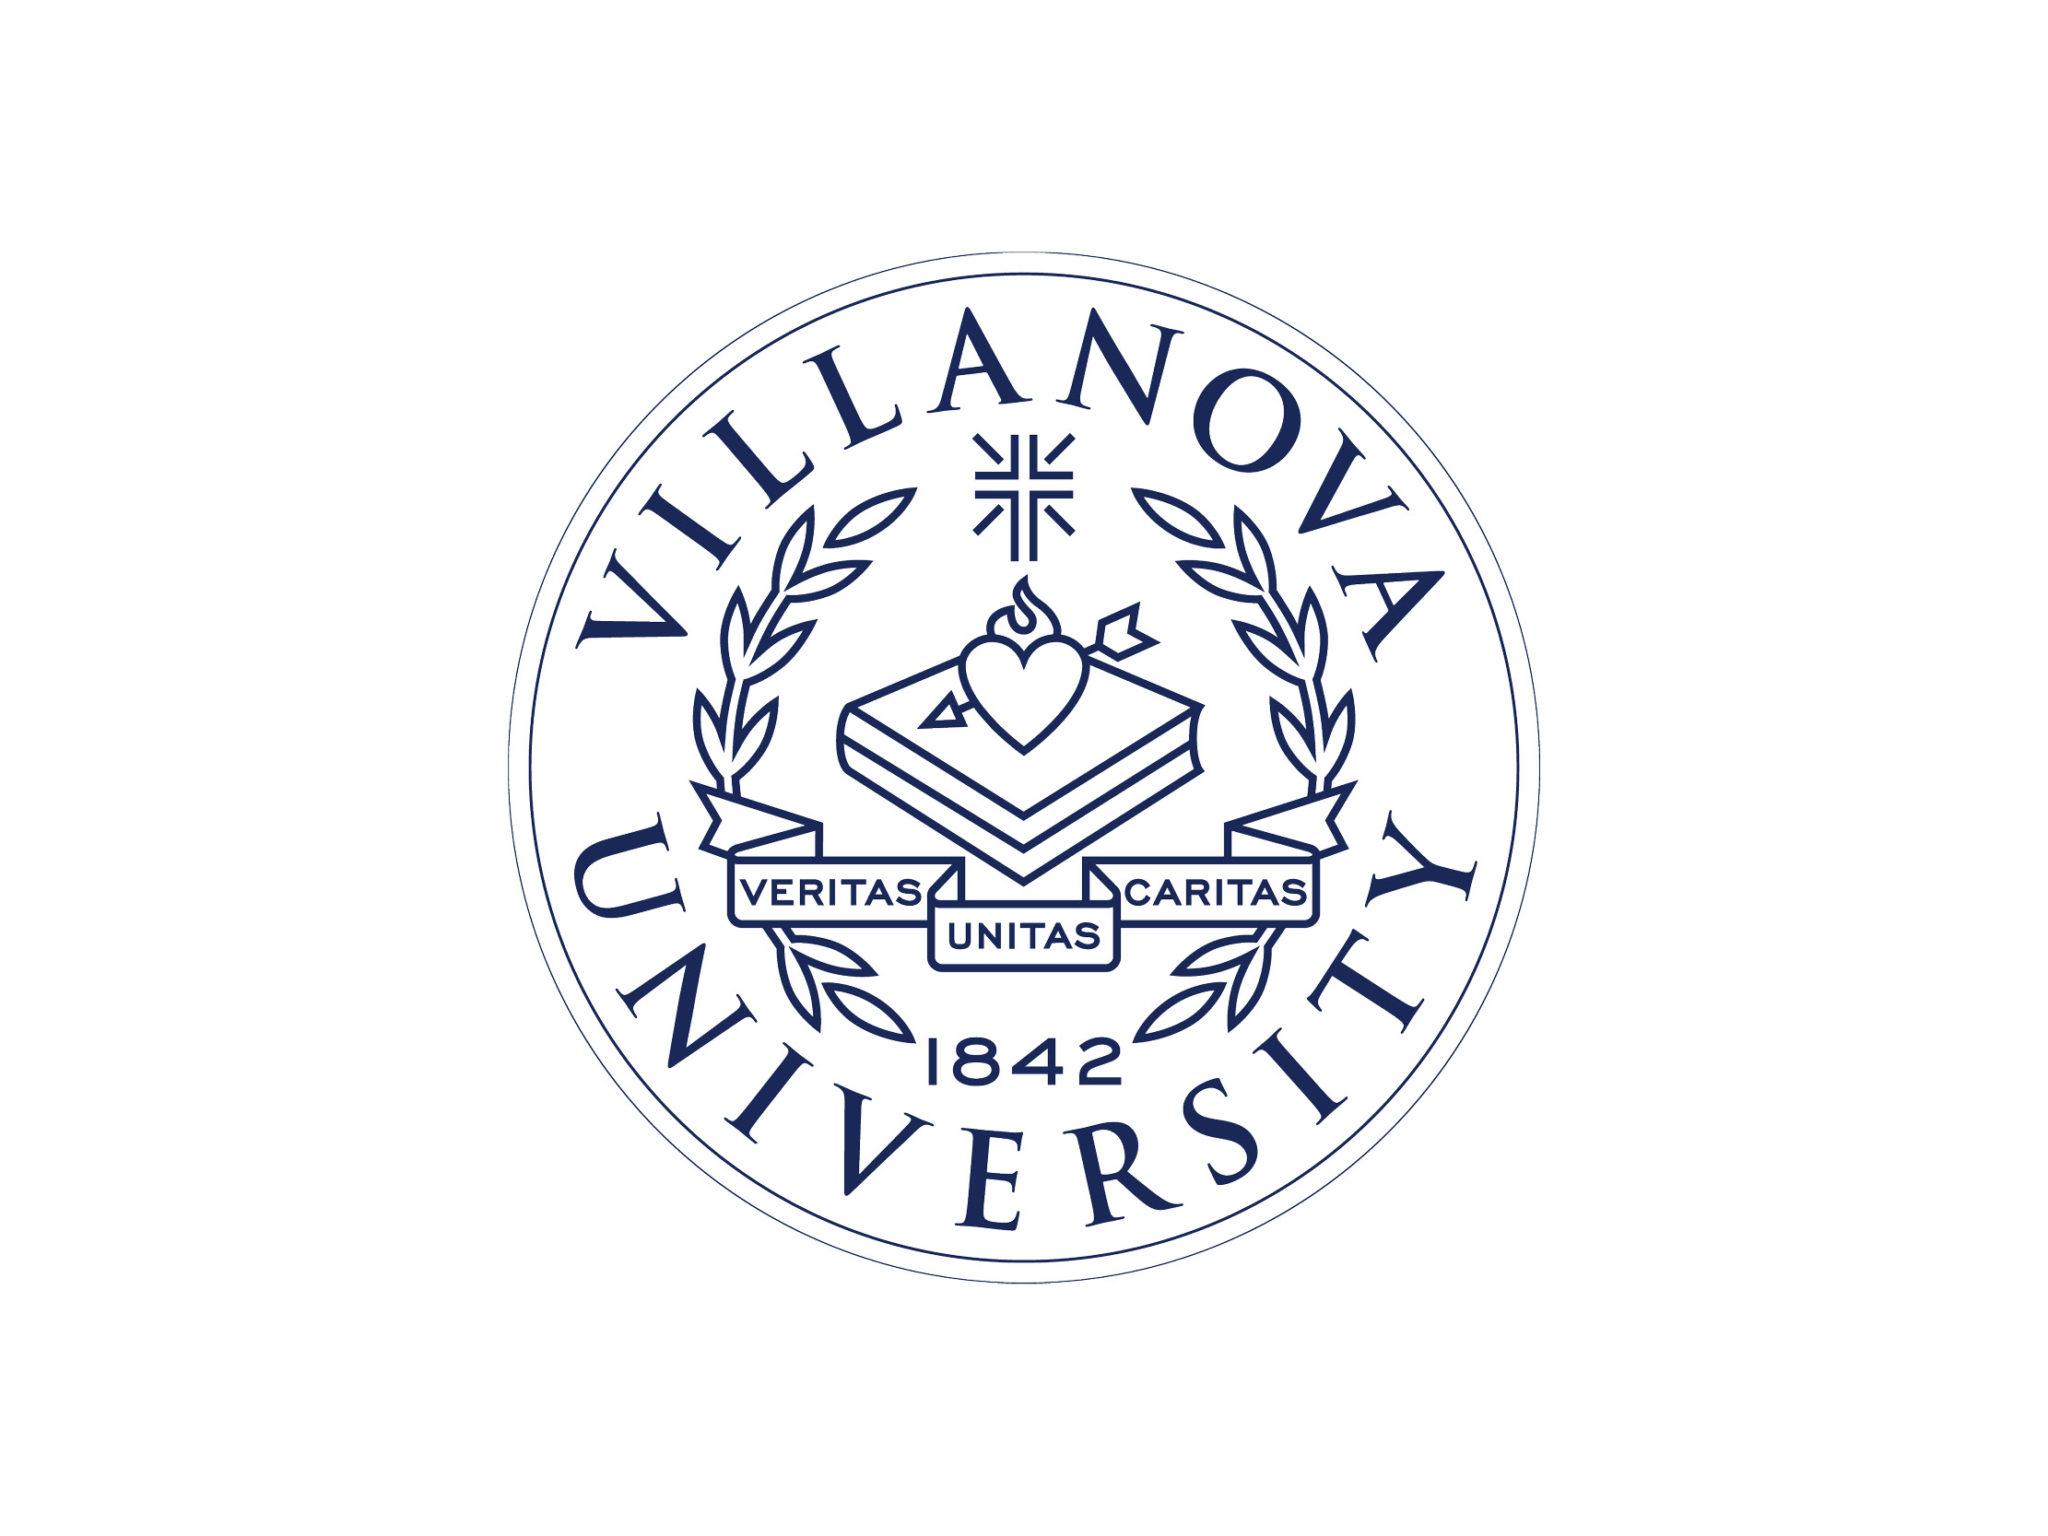 Villa Nova University Online Master of Science in Analytics